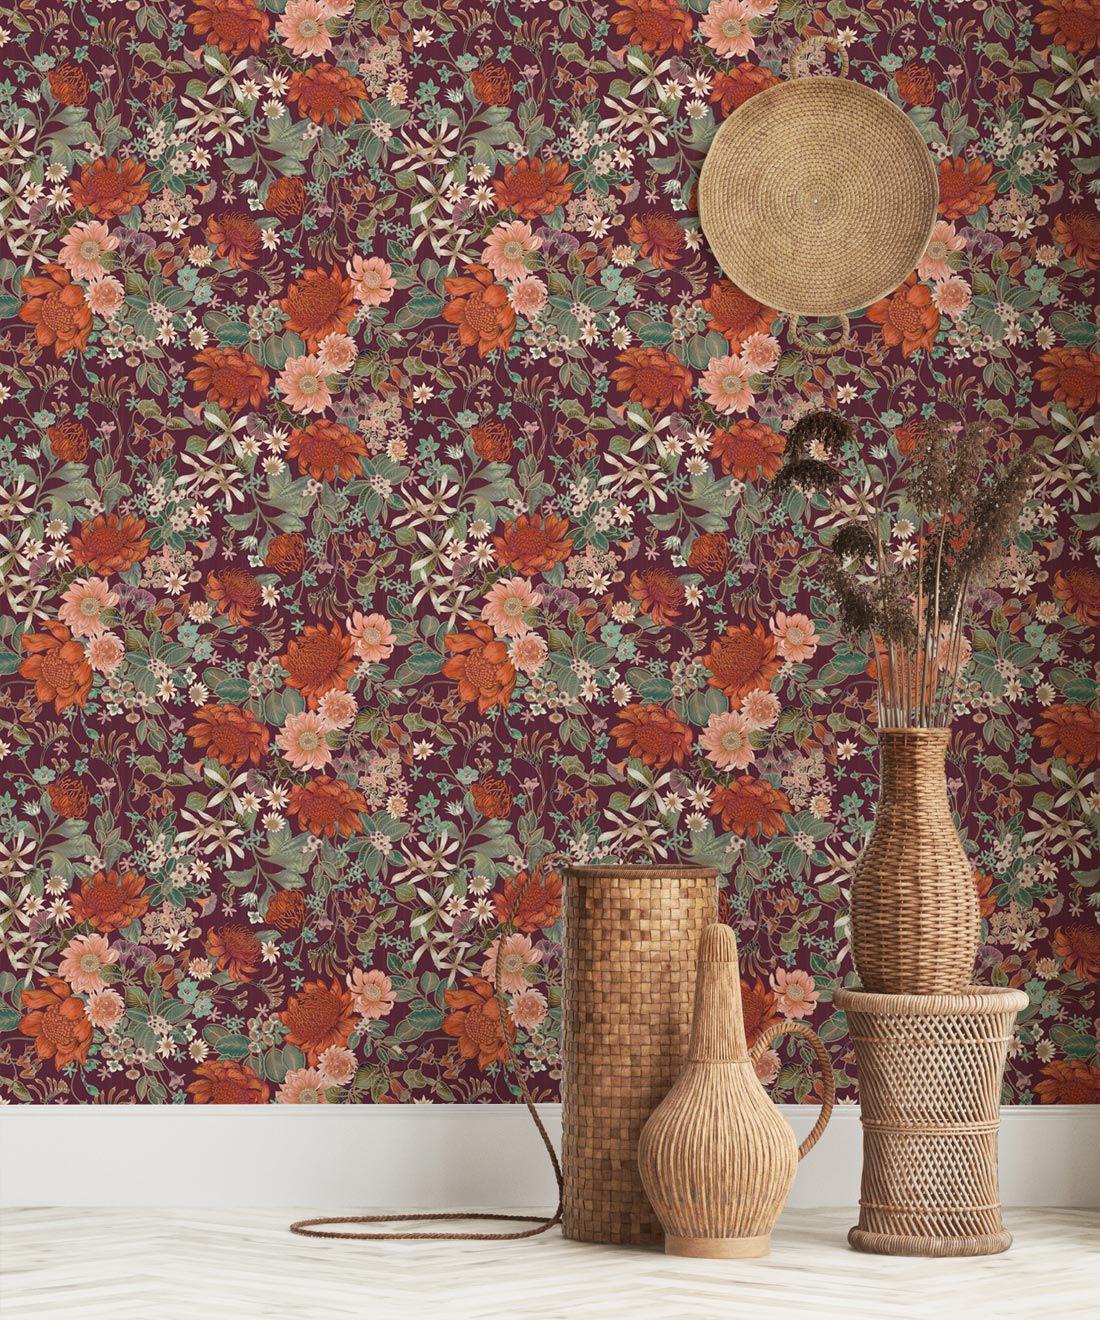 Bouquet Wallpaper • Eloise Short • Vintage Floral Wallpaper •Granny Chic Wallpaper • Grandmillennial Style Wallpaper •Mulberry •Insitu